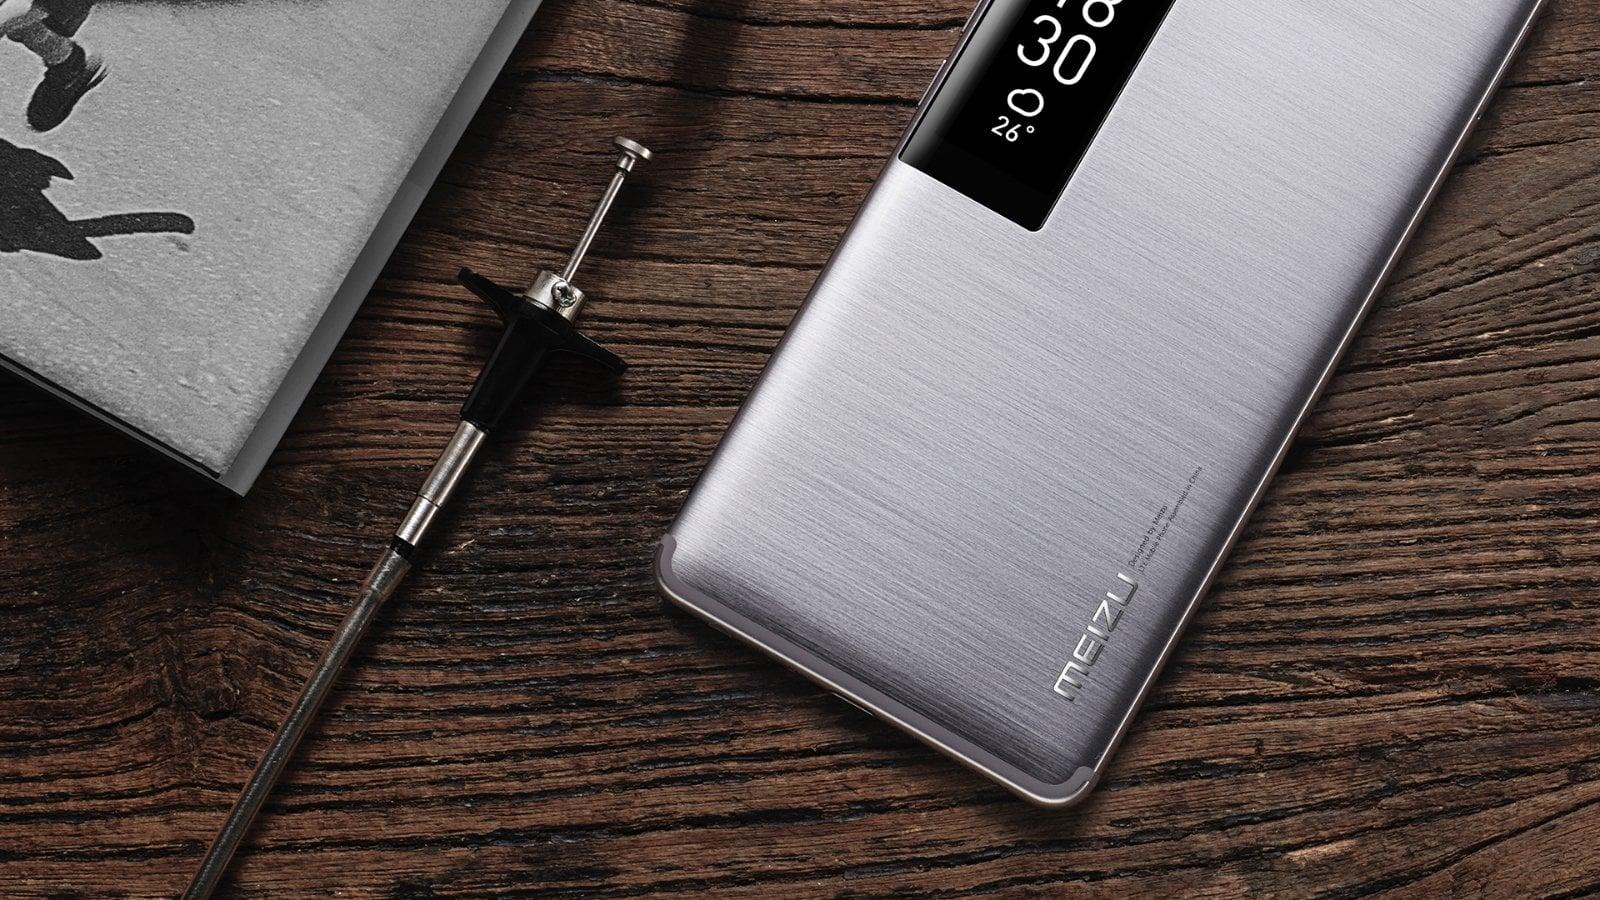 Dwa kolejne smartfony Meizu trafiły do sprzedaży w Polsce. Znamy ceny 22